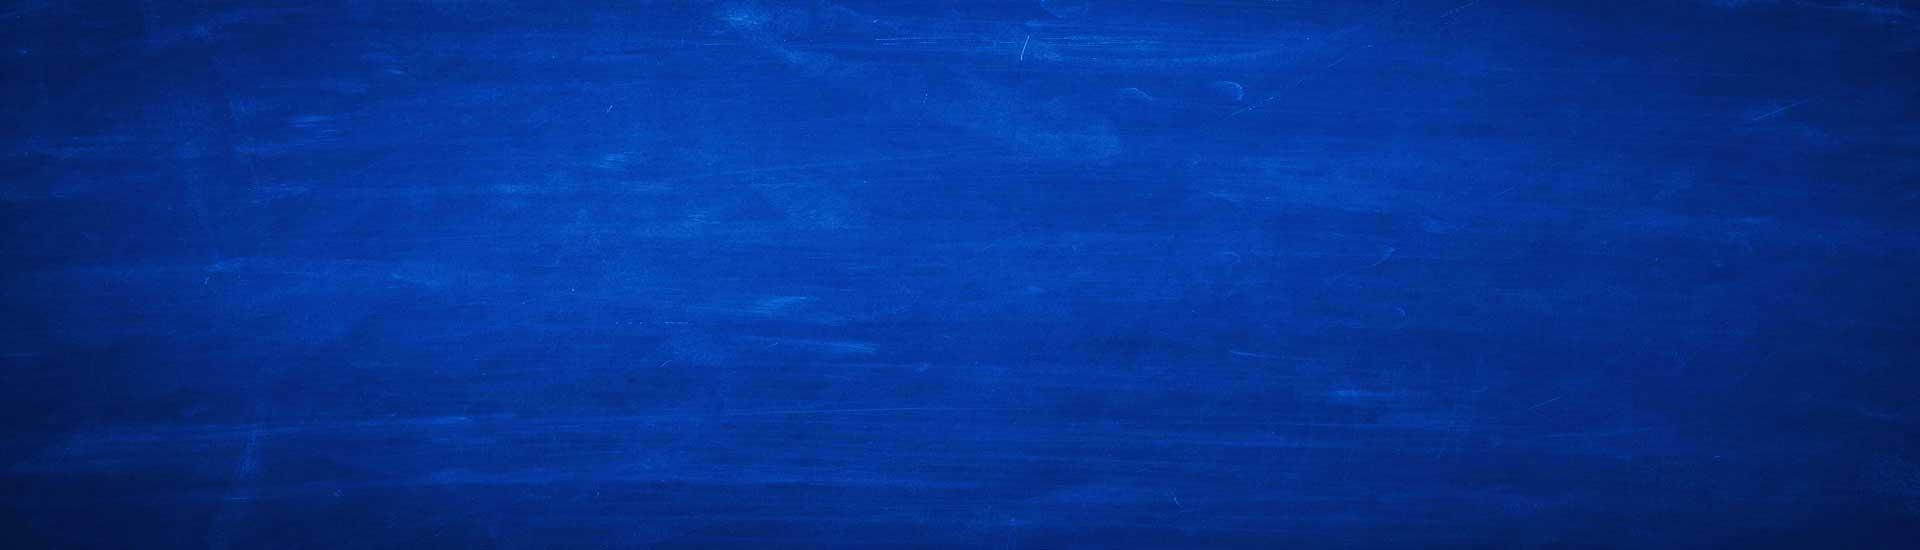 blackboard-blue2-1920x550